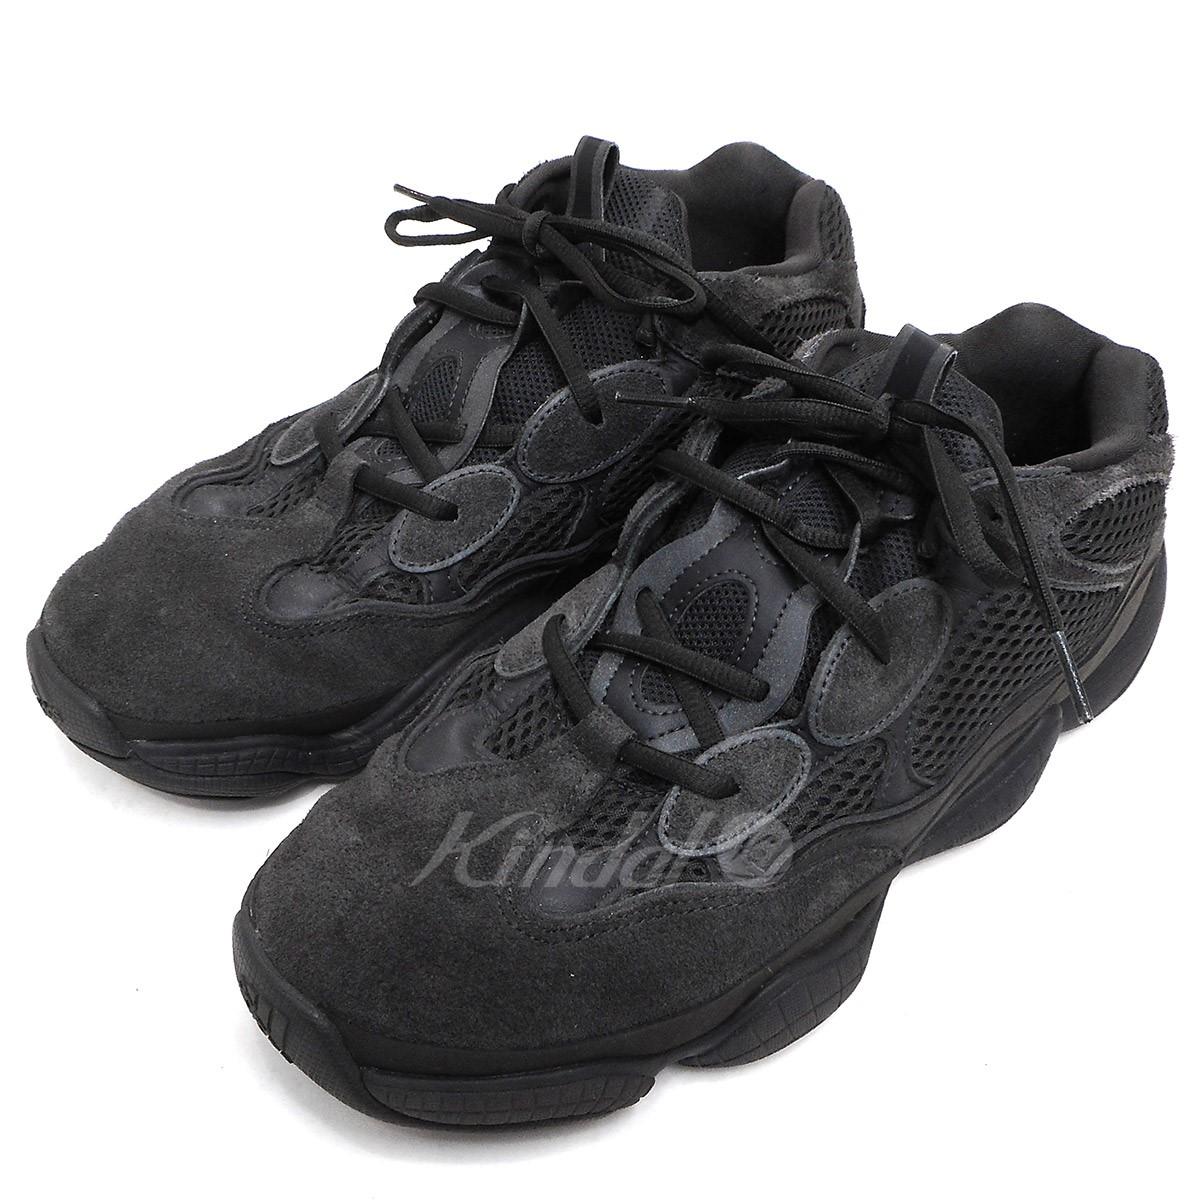 【中古】adidas originals by Kanye West F36640 YEEZY 500 イージー500 スニーカー ブラック サイズ:US10.5 【送料無料】 【281018】(アディダス オリジナルス バイ カニエ ウエスト)